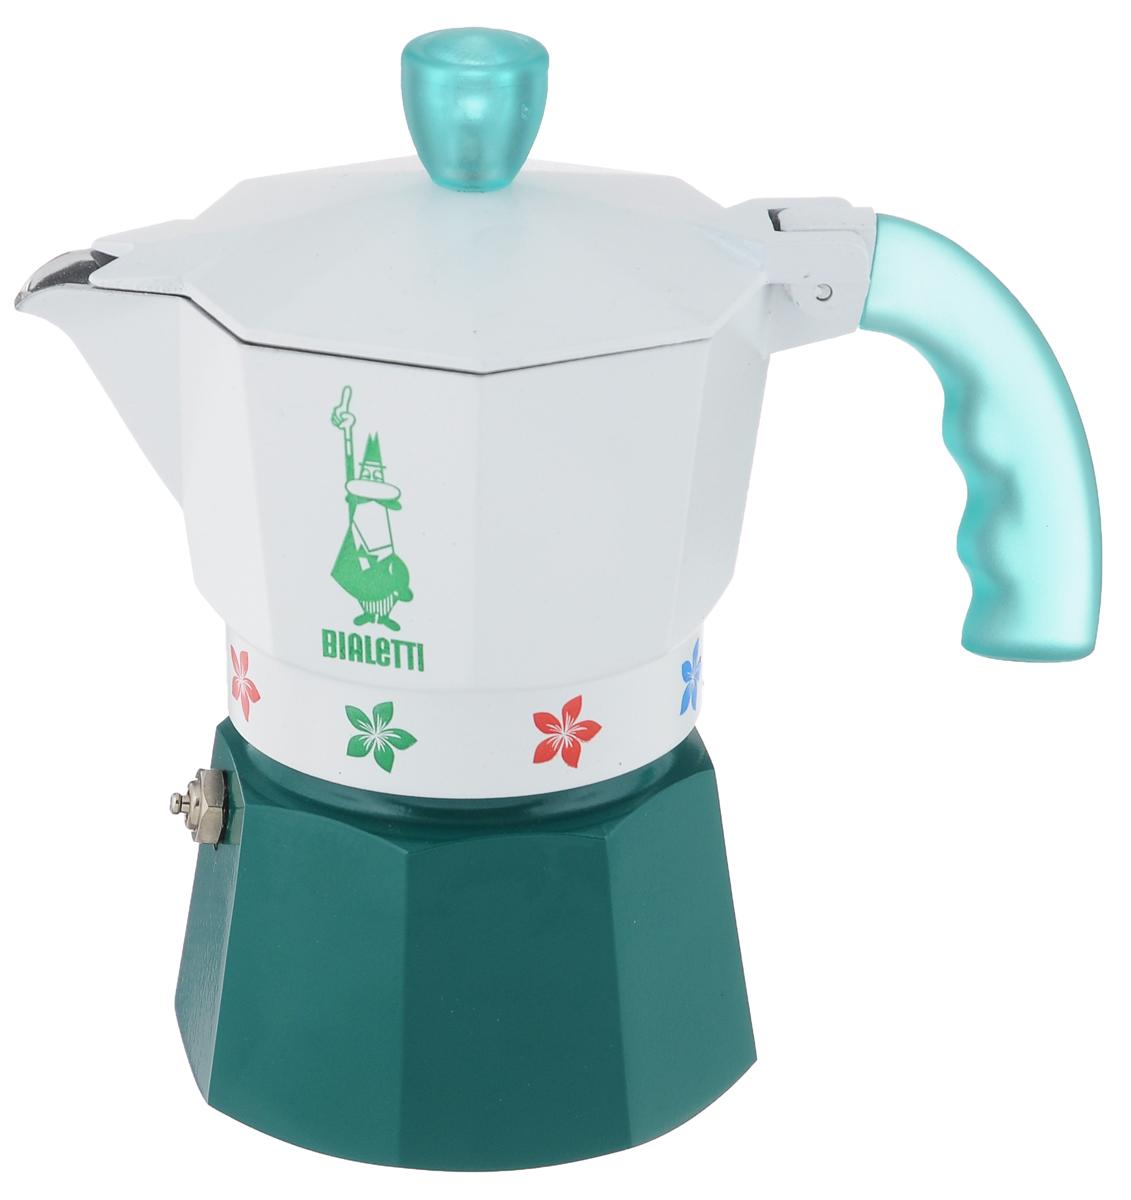 Кофеварка гейзерная Bialetti Moka Fiori Caldaia Verde, цвет: белый, зеленый, на 3 чашки4472Компактная гейзерная кофеварка Bialetti Moka Fiori Caldaia Verde изготовлена из высококачественного алюминия и стали. Объема кофе хватает на 3 чашки. Изделие оснащено удобной пластиковой ручкой.Принцип работы такой гейзерной кофеварки - кофе заваривается путем многократного прохождения горячей воды или пара через слой молотого кофе. Удобство кофеварки в том, что вся кофейная гуща остается во внутренней емкости. Гейзерные кофеварки пользуются большой популярностью благодаря изысканному аромату. Кофе получается крепкий и насыщенный. Теперь и дома вы сможете насладиться великолепным эспрессо. Подходит для газовых, электрических и стеклокерамических плит. Нельзя мыть в посудомоечной машине. Высота (с учетом крышки): 16 см.